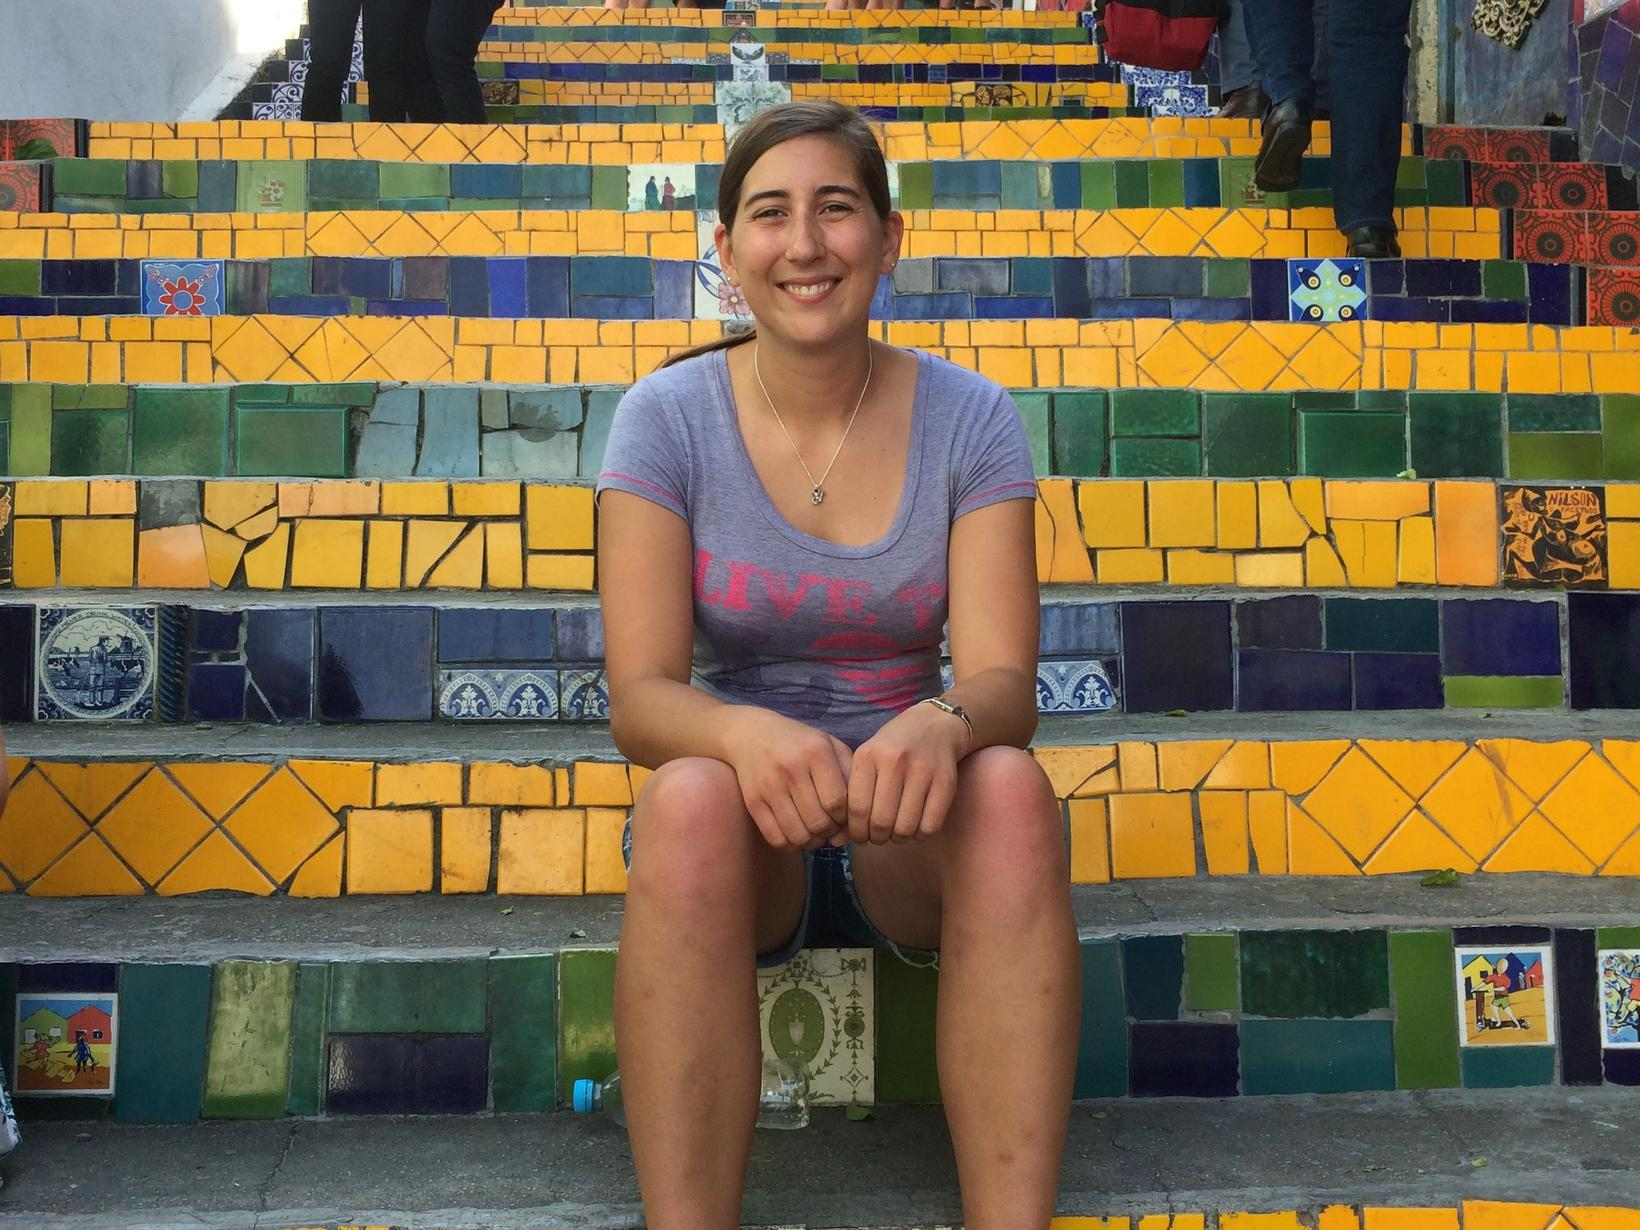 Briana from Denver, Colorado, United States